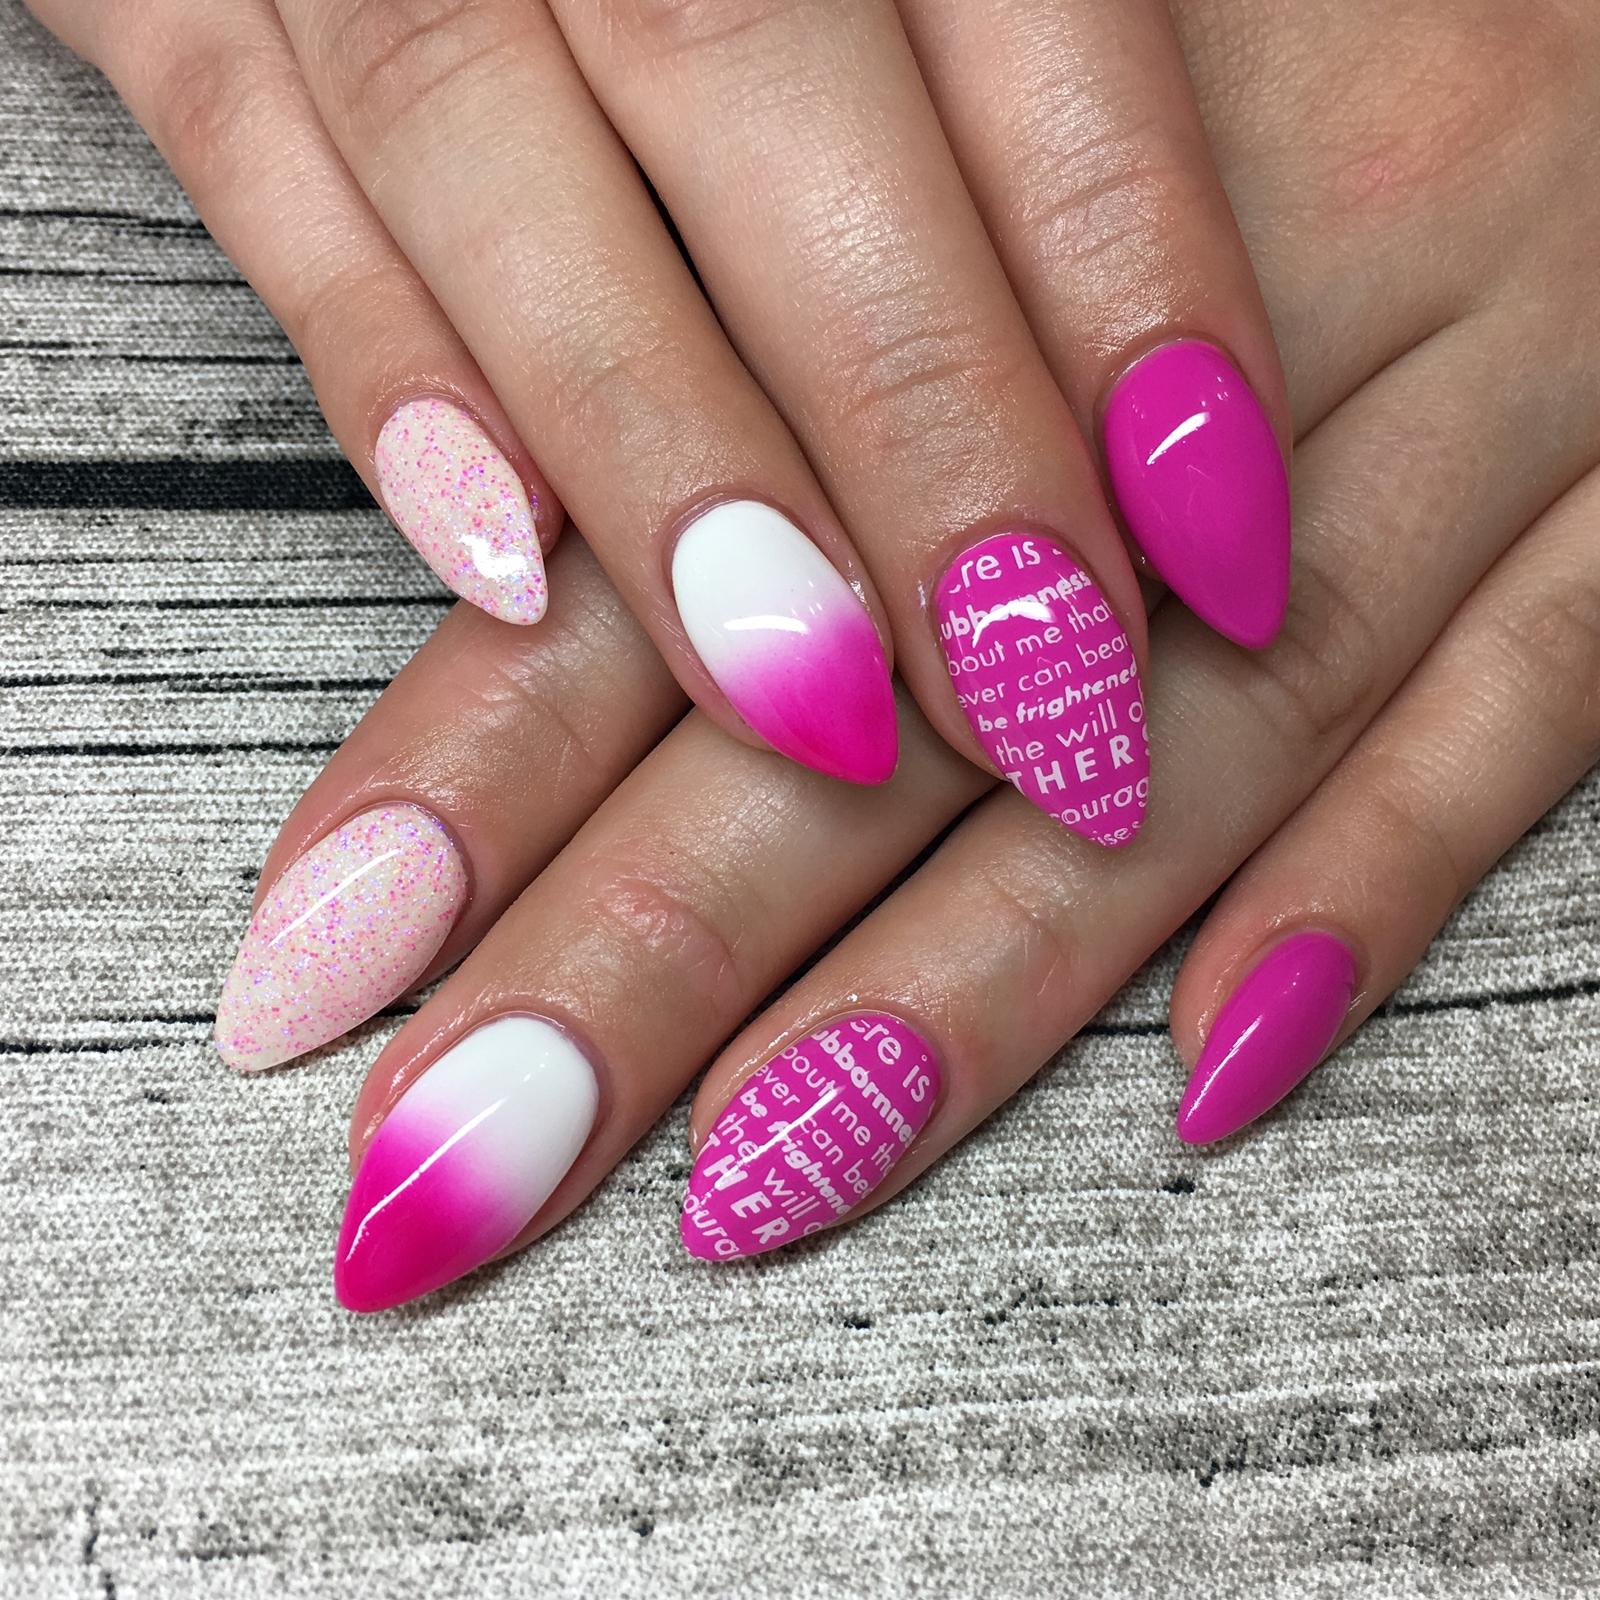 Nail Art Inspiration Spring Summer - Nageldesign für den Sommer - Nageldesign mit Pink und Schrift Stamping - Nägel auffällig gestalten - Fashionladyloves by Tamara Wagner